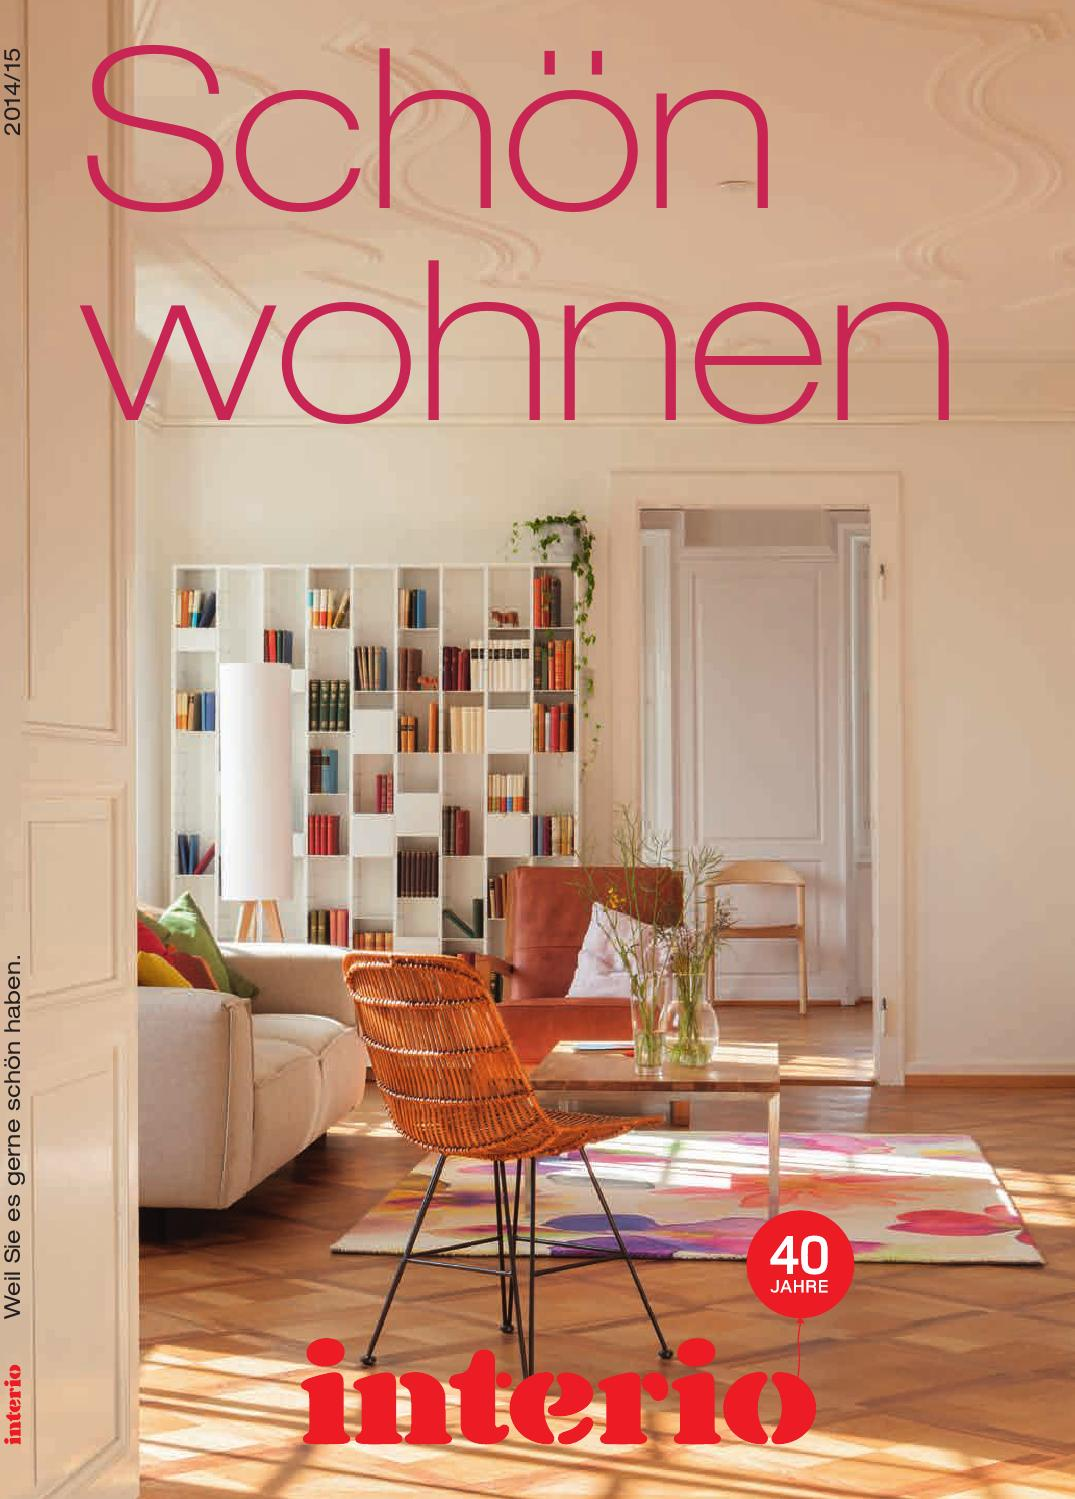 sch n wohnen interio katalog 2014 15 by interio interio issuu. Black Bedroom Furniture Sets. Home Design Ideas